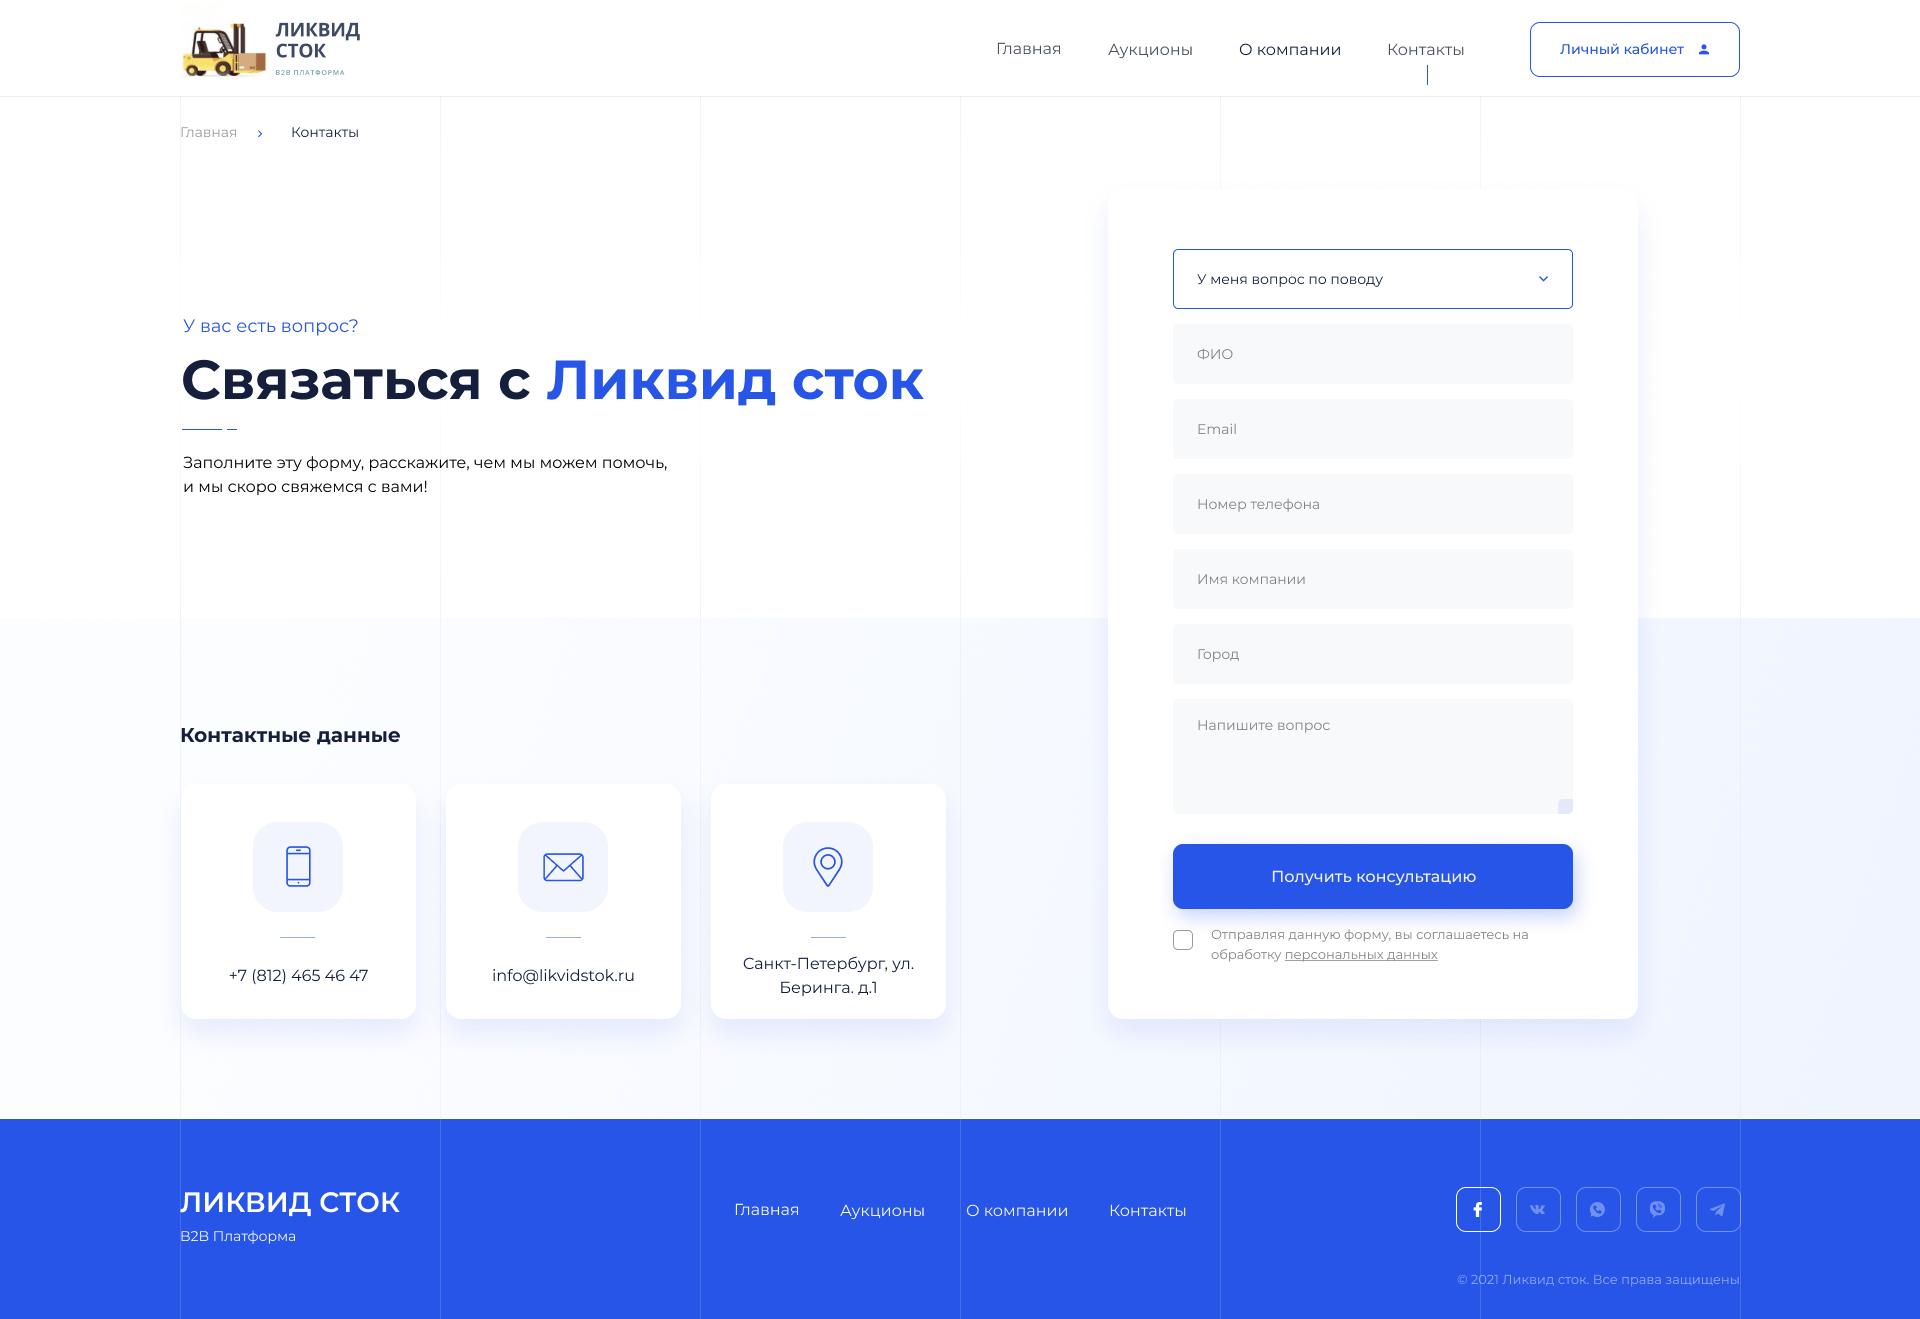 Аукцион_05_Contacts